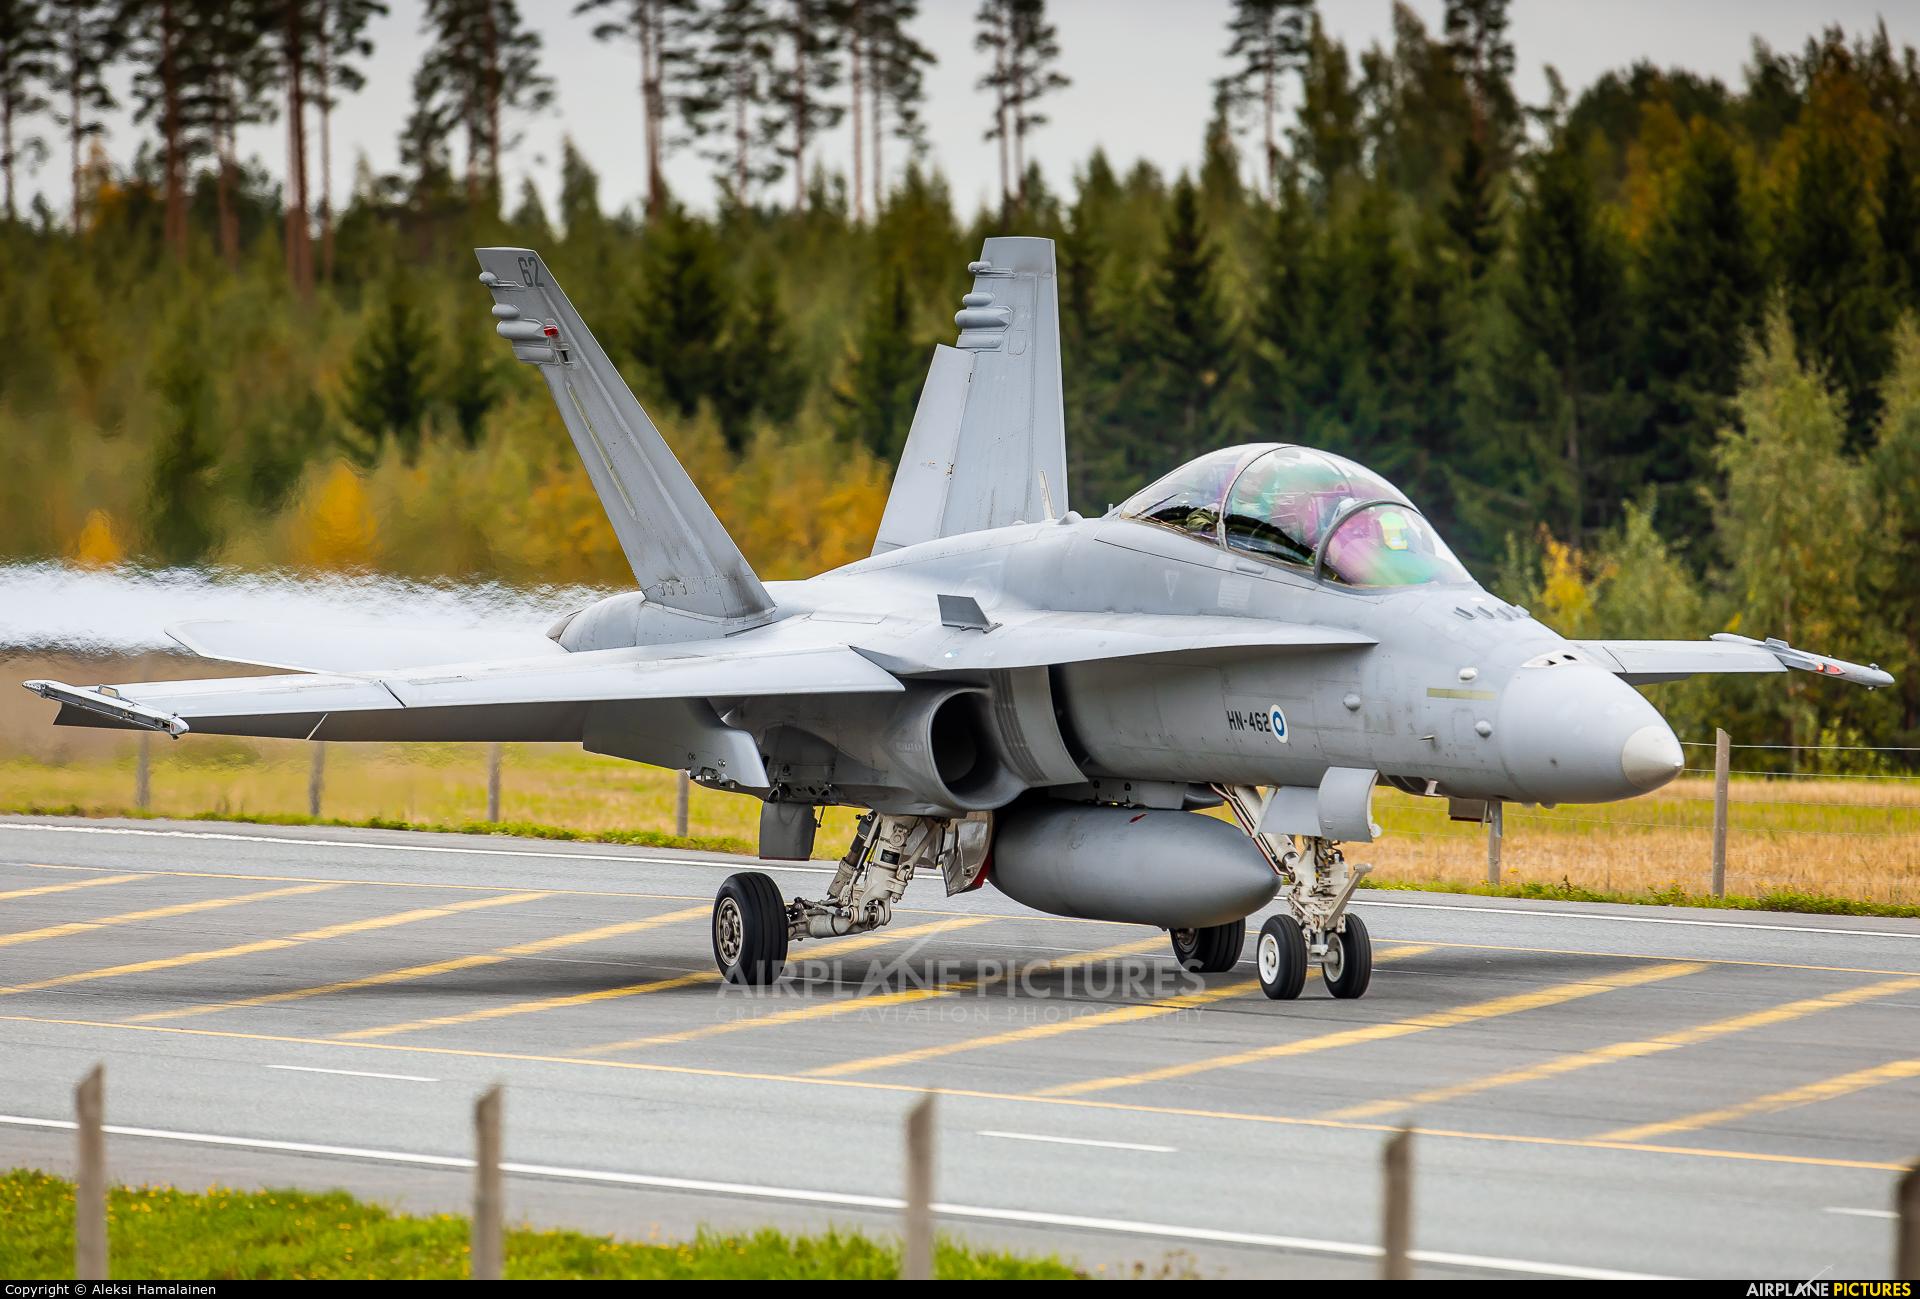 Finland - Air Force HN-462 aircraft at